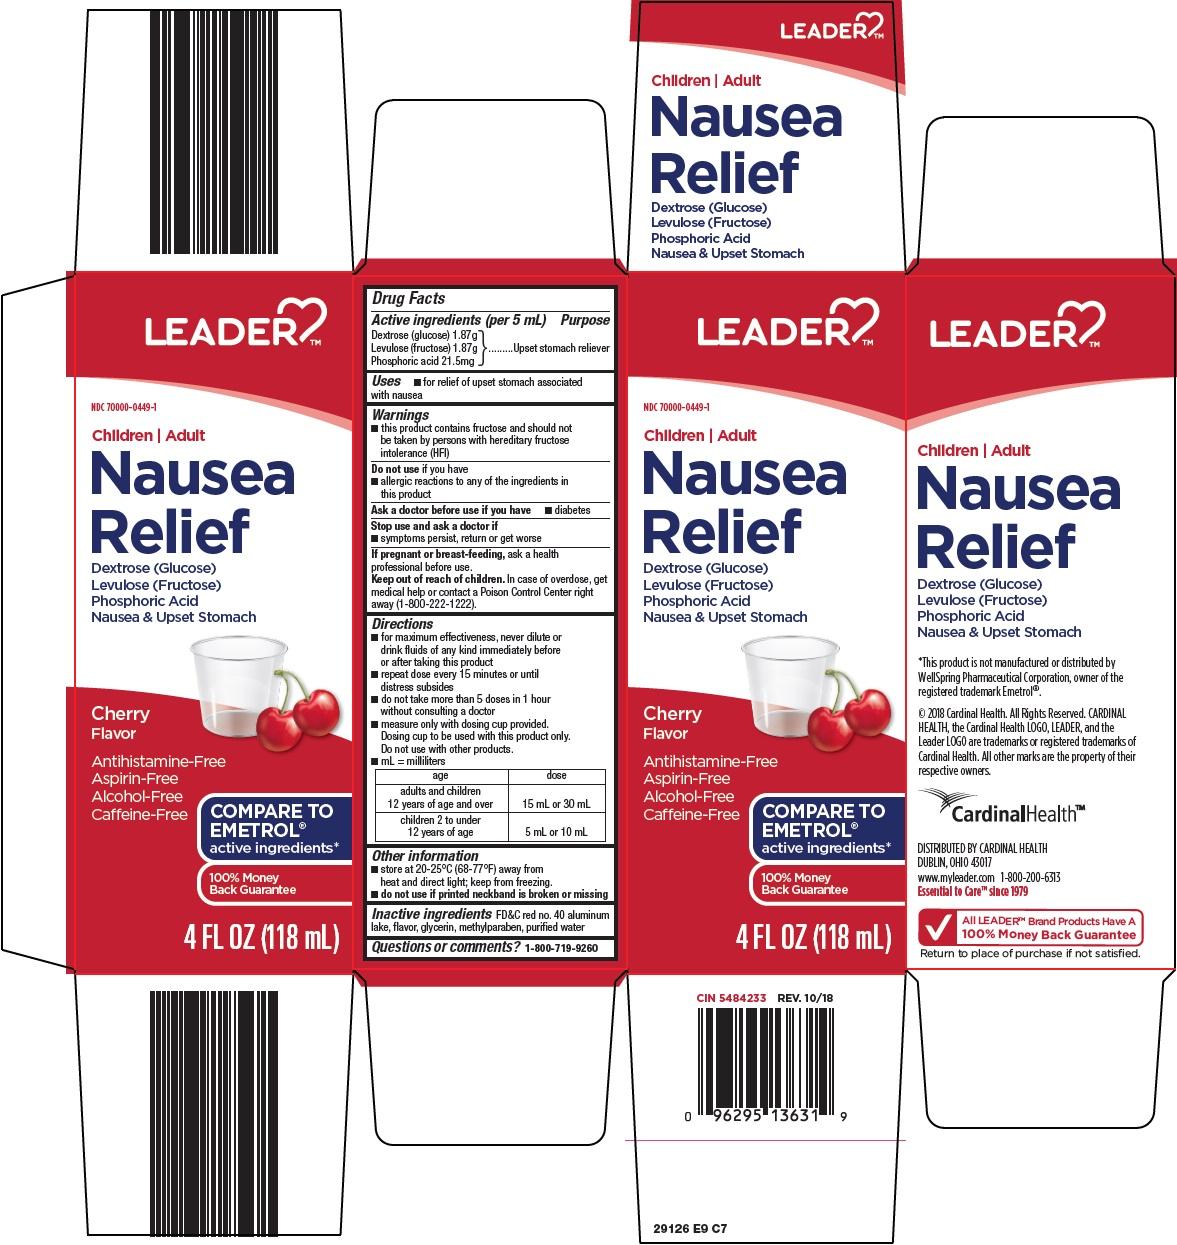 Dextrose (glucose), Levulose (fructose), Phosphoric Acid (leader nausea relief)